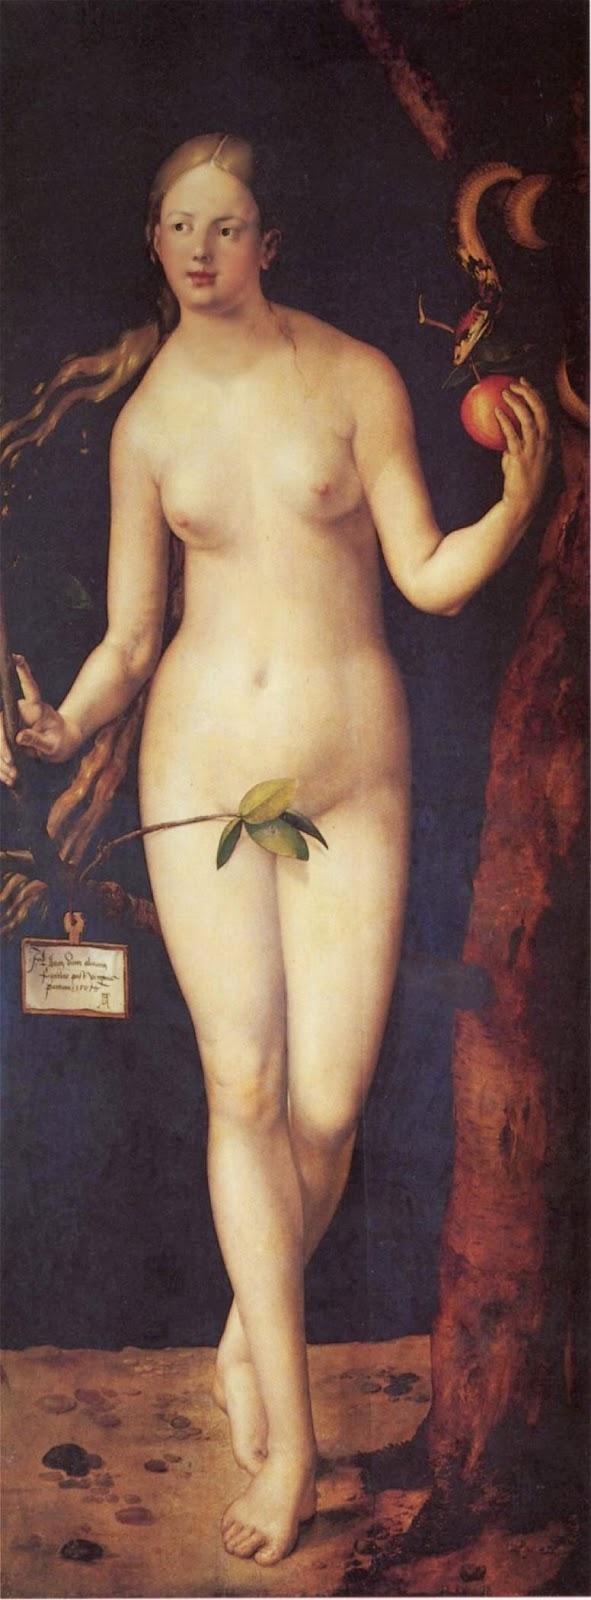 El mito de Eva, 1 Tomás Moreno, Ancile